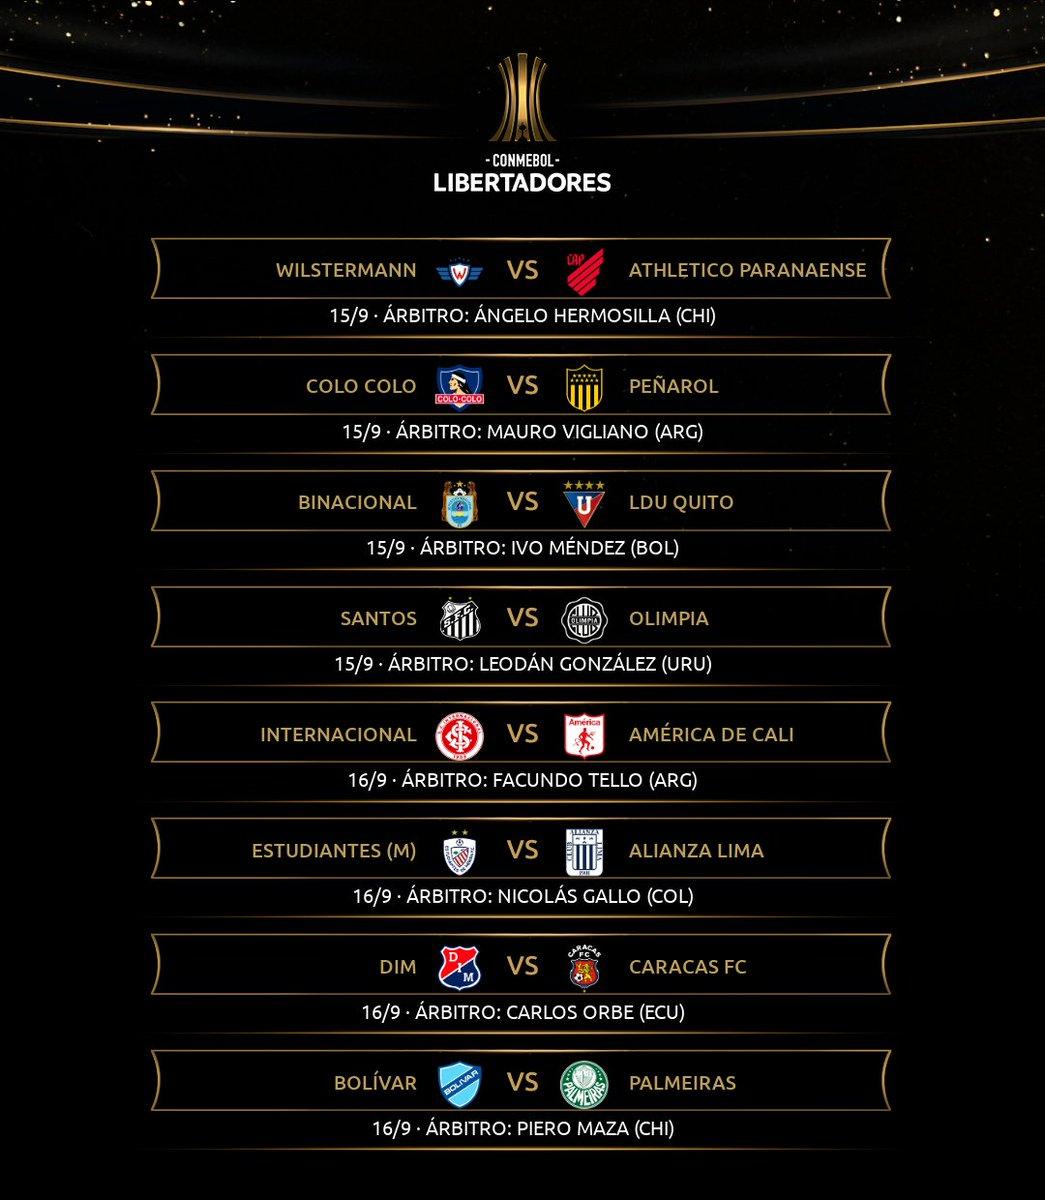 📌 ¡Árbitros confirmados para la vuelta de la #Libertadores, para la tercera fecha de la Fase de Grupos! 🙌🔜 La Copa se reanuda en 11 días, el 15/9.